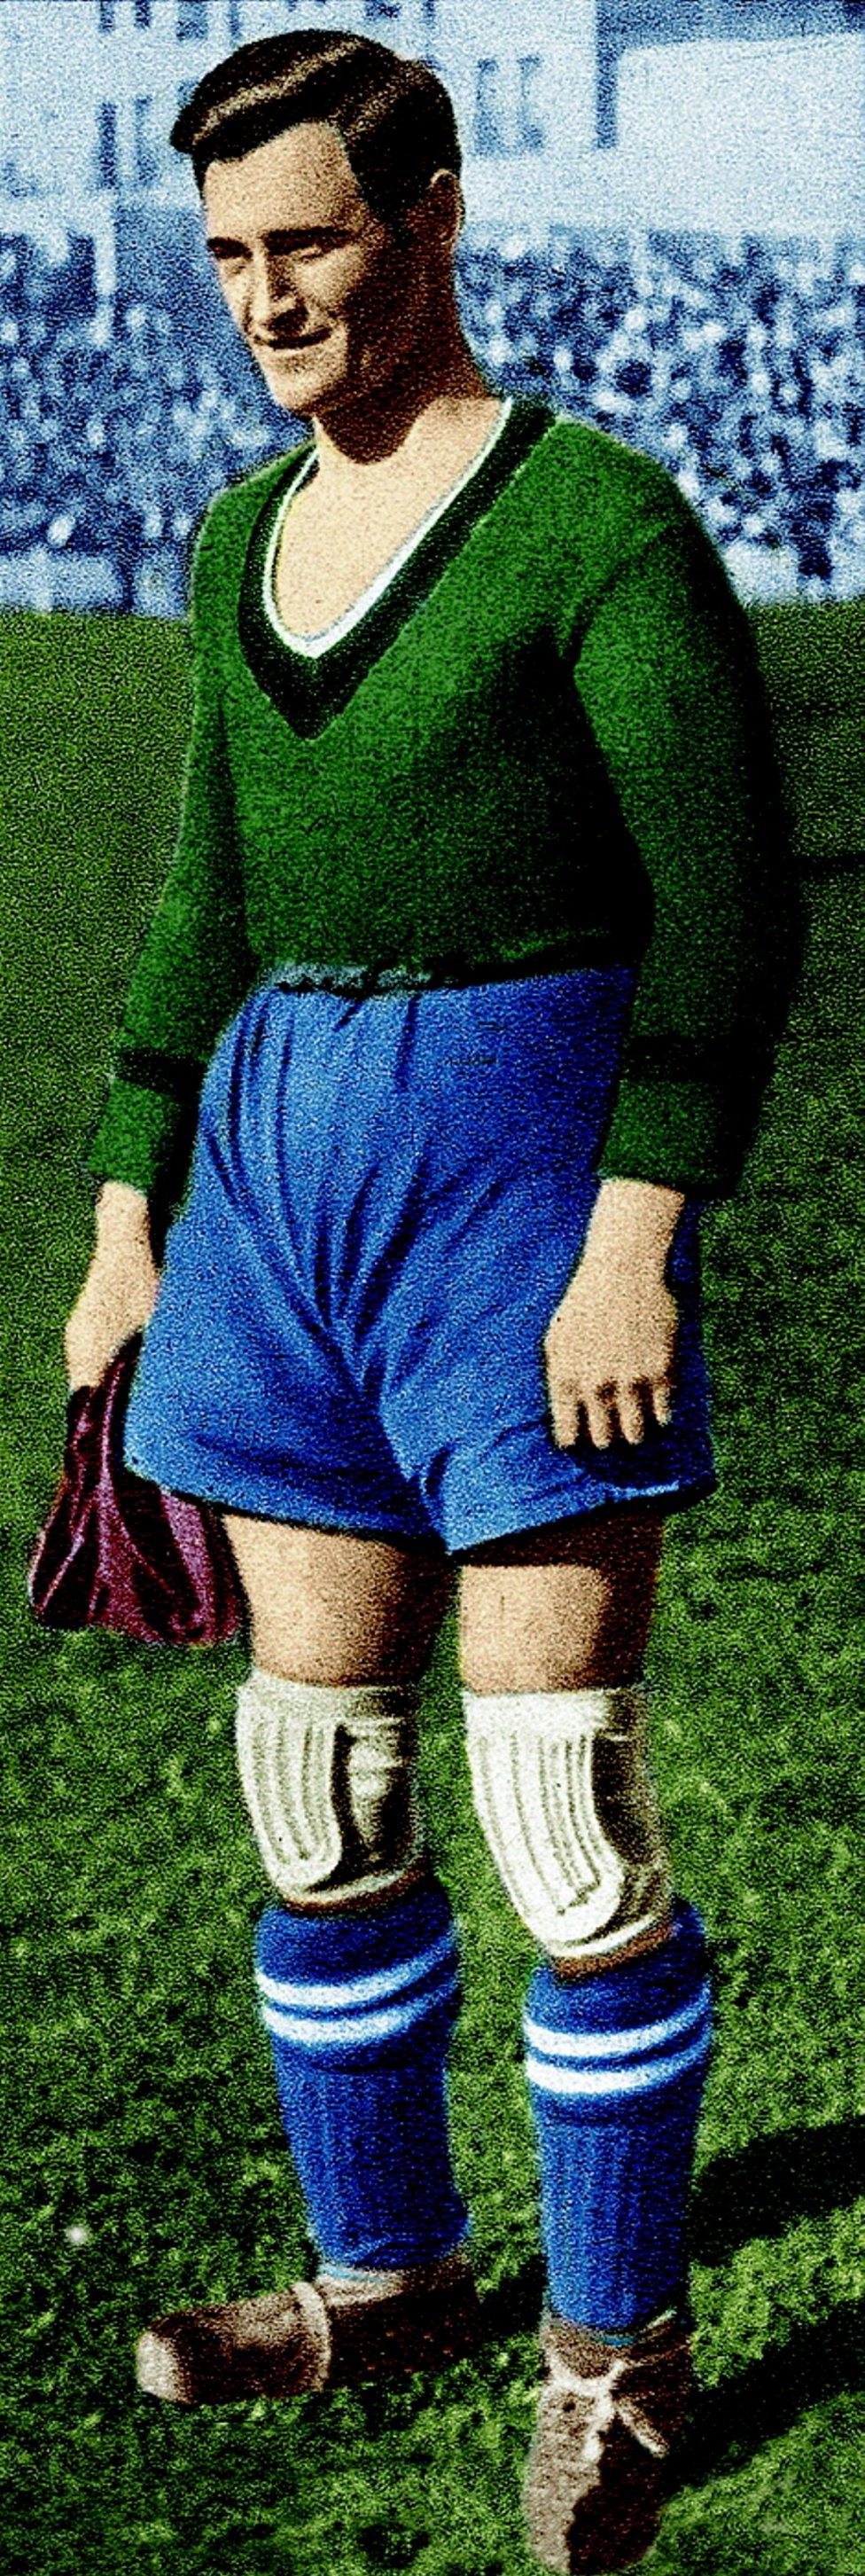 Jyula Alberty Vistió la camiseta del Real Madrid durante dos temporadas desde 1934 hasta 1936. Jugó en el Celta entre 1939 y 1941.